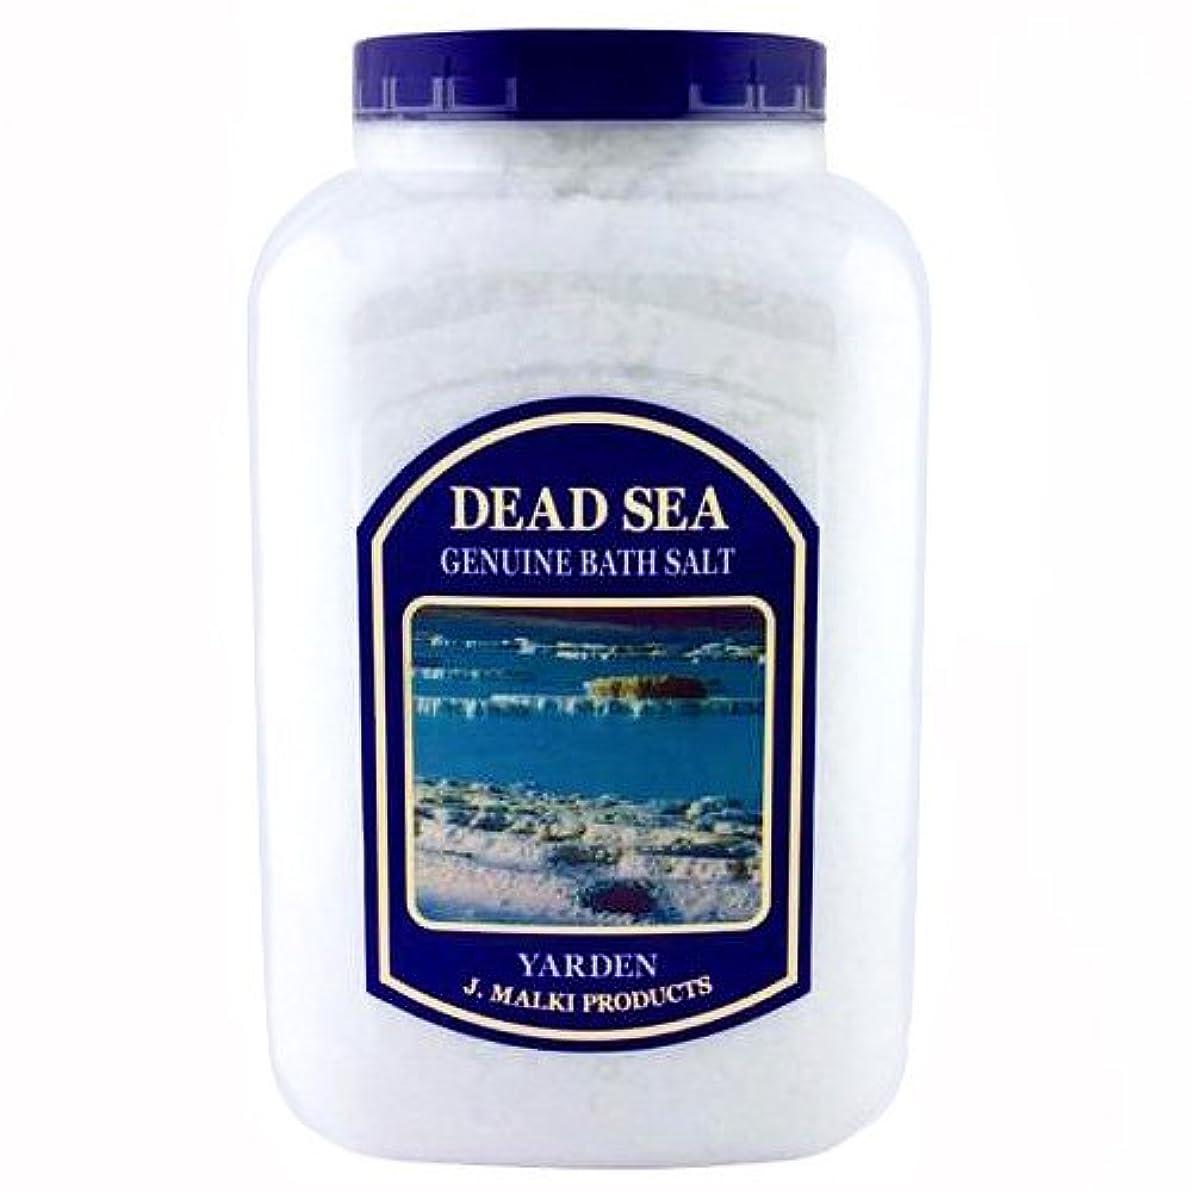 標高入場チームデッドシー?バスソルト 4.5kg(約45回分)【DEAD SEA BATH SALT】死海の塩/入浴剤(入浴用化粧品)【正規販売店】